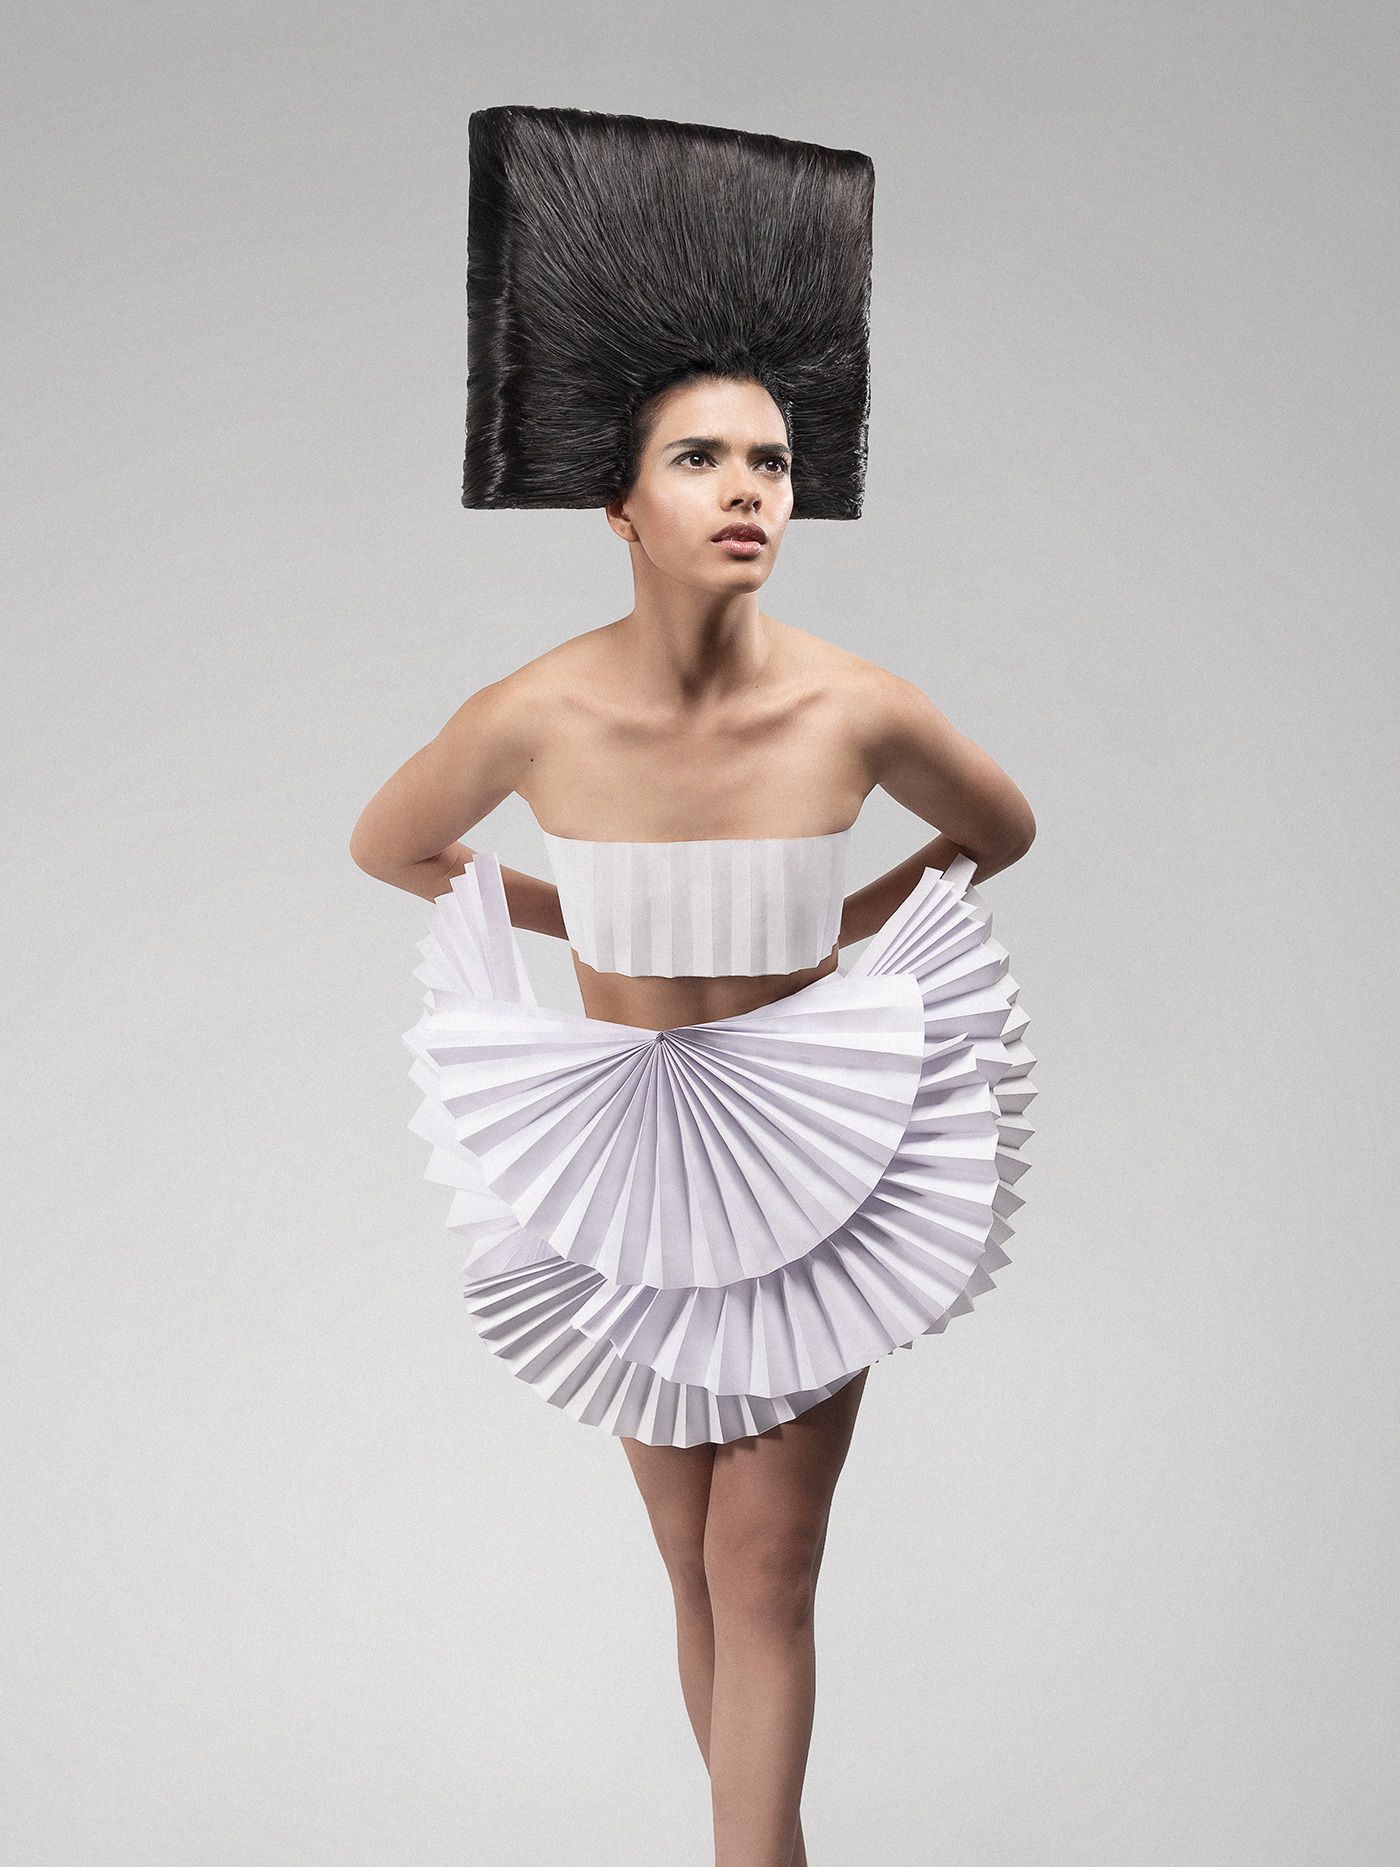 DANCE   Fashion  FINEART glam hifashion paper